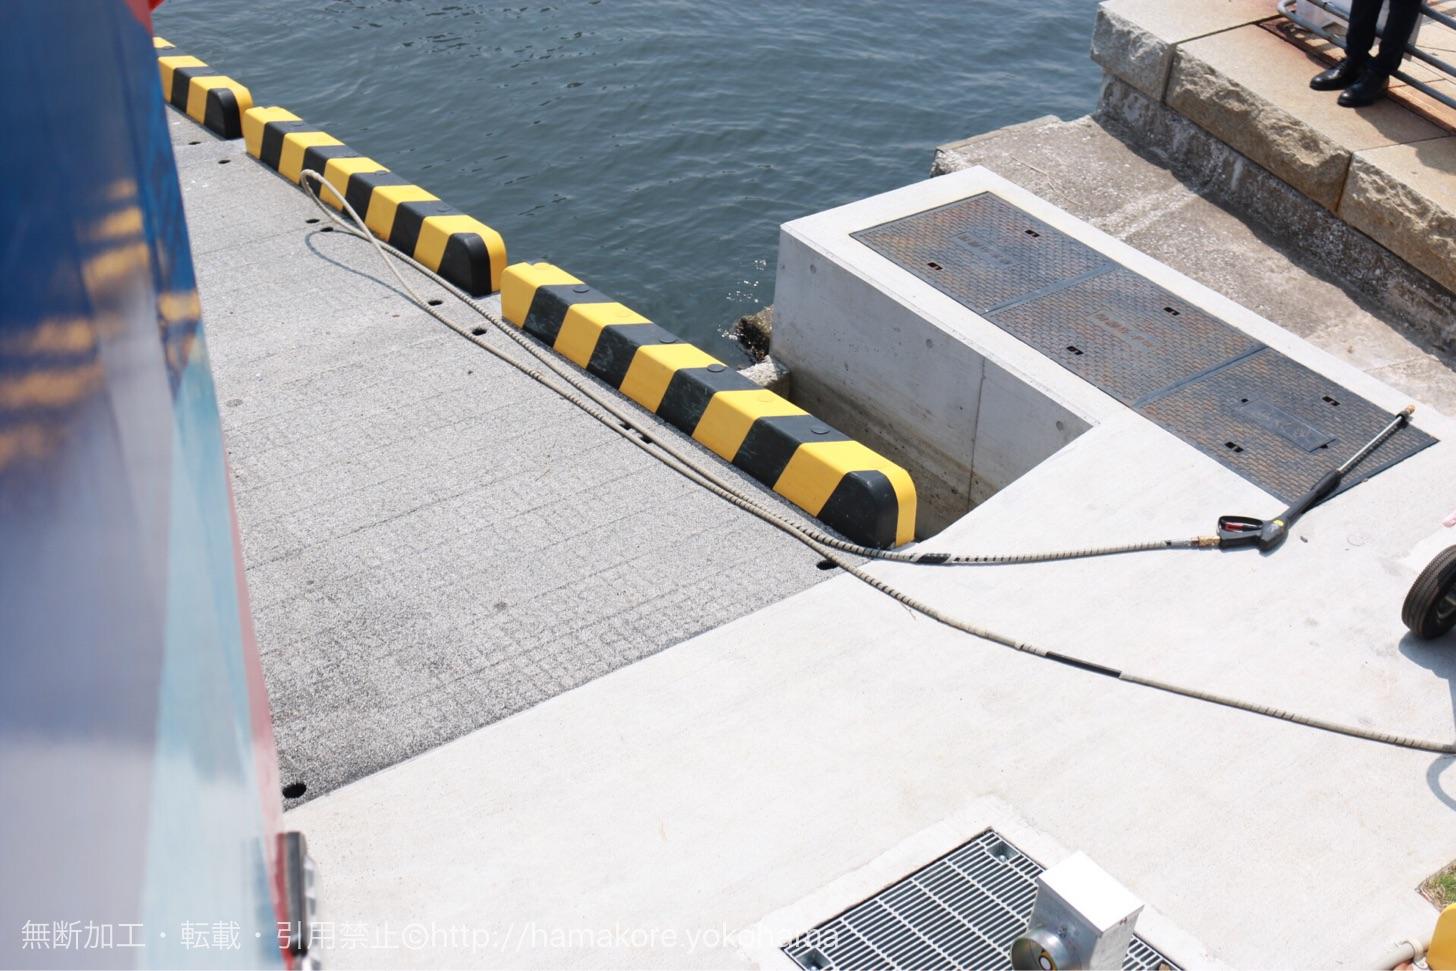 水陸両用バス「スカイダック」とスロープ